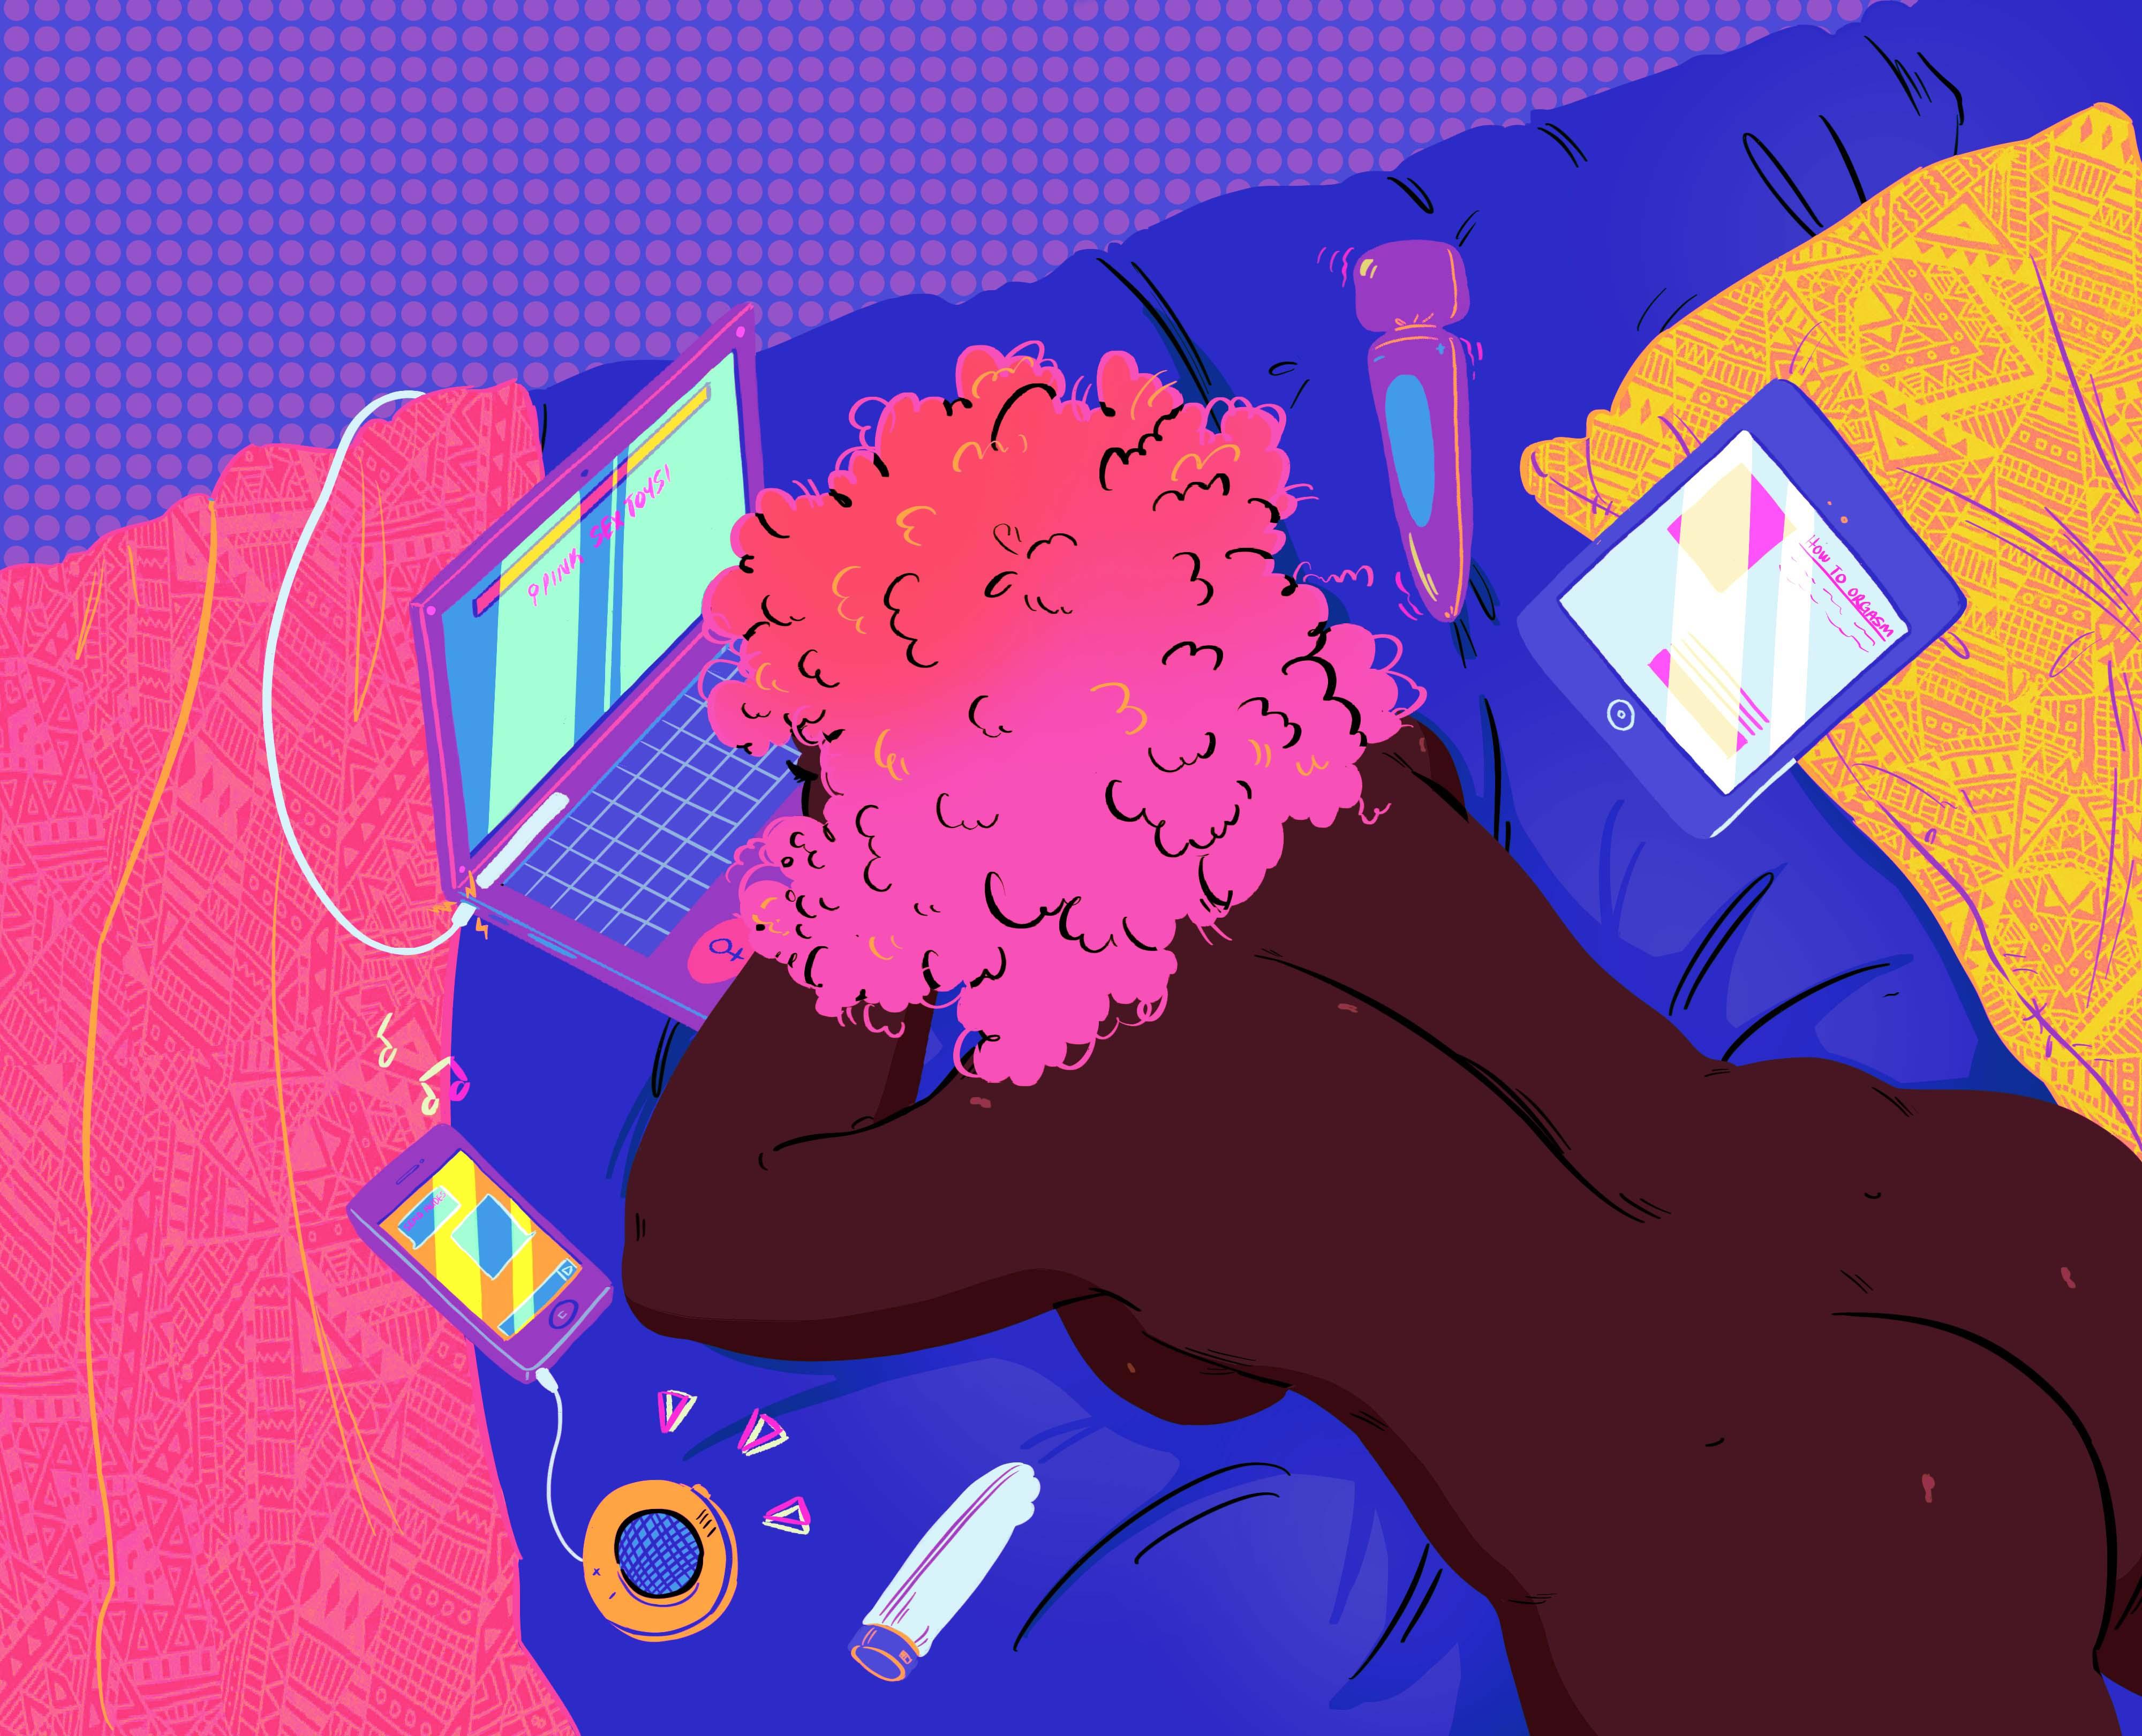 #CumSafelyOnline, Umaimah Damakka, Jeannine Felmore, Sex positive, illustration, sex tape, send nudes, HOLAAfrica. HOLAA